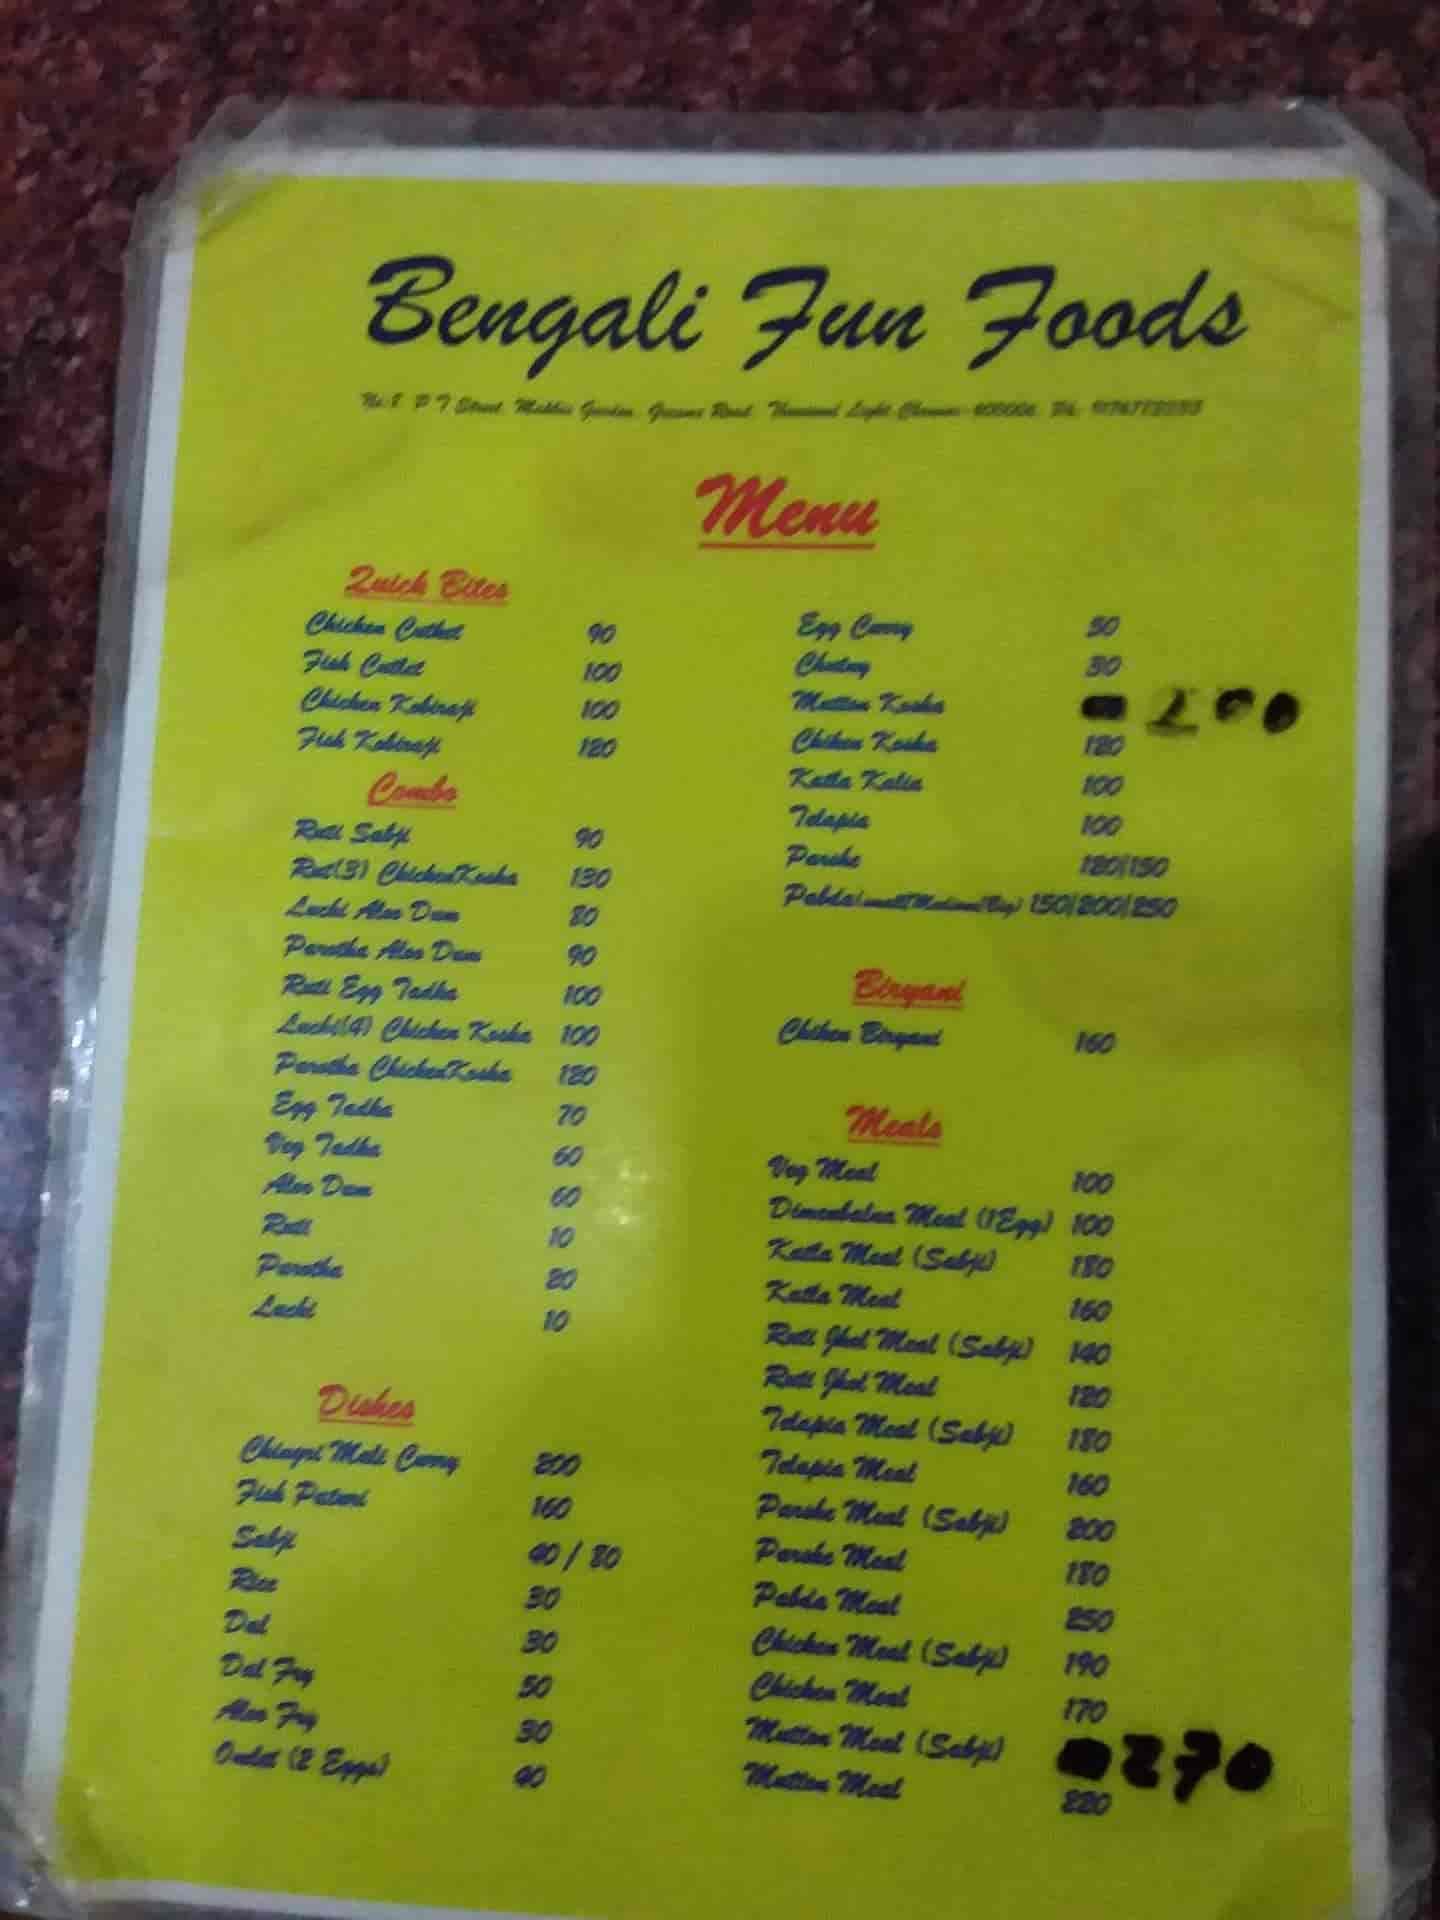 Top Bengali Restaurants in T Nagar - Best Authentic Bengali